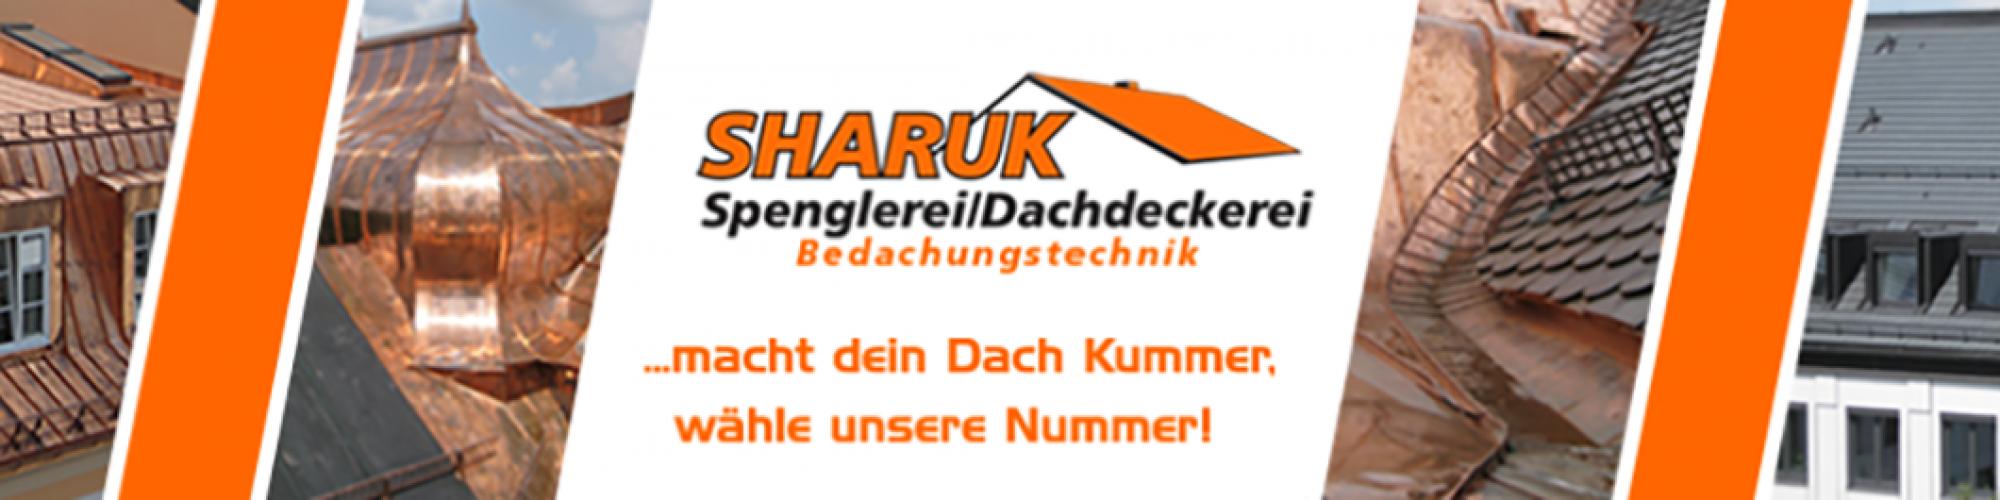 Spenglerei / Dachdeckerei Sharuk GmbH